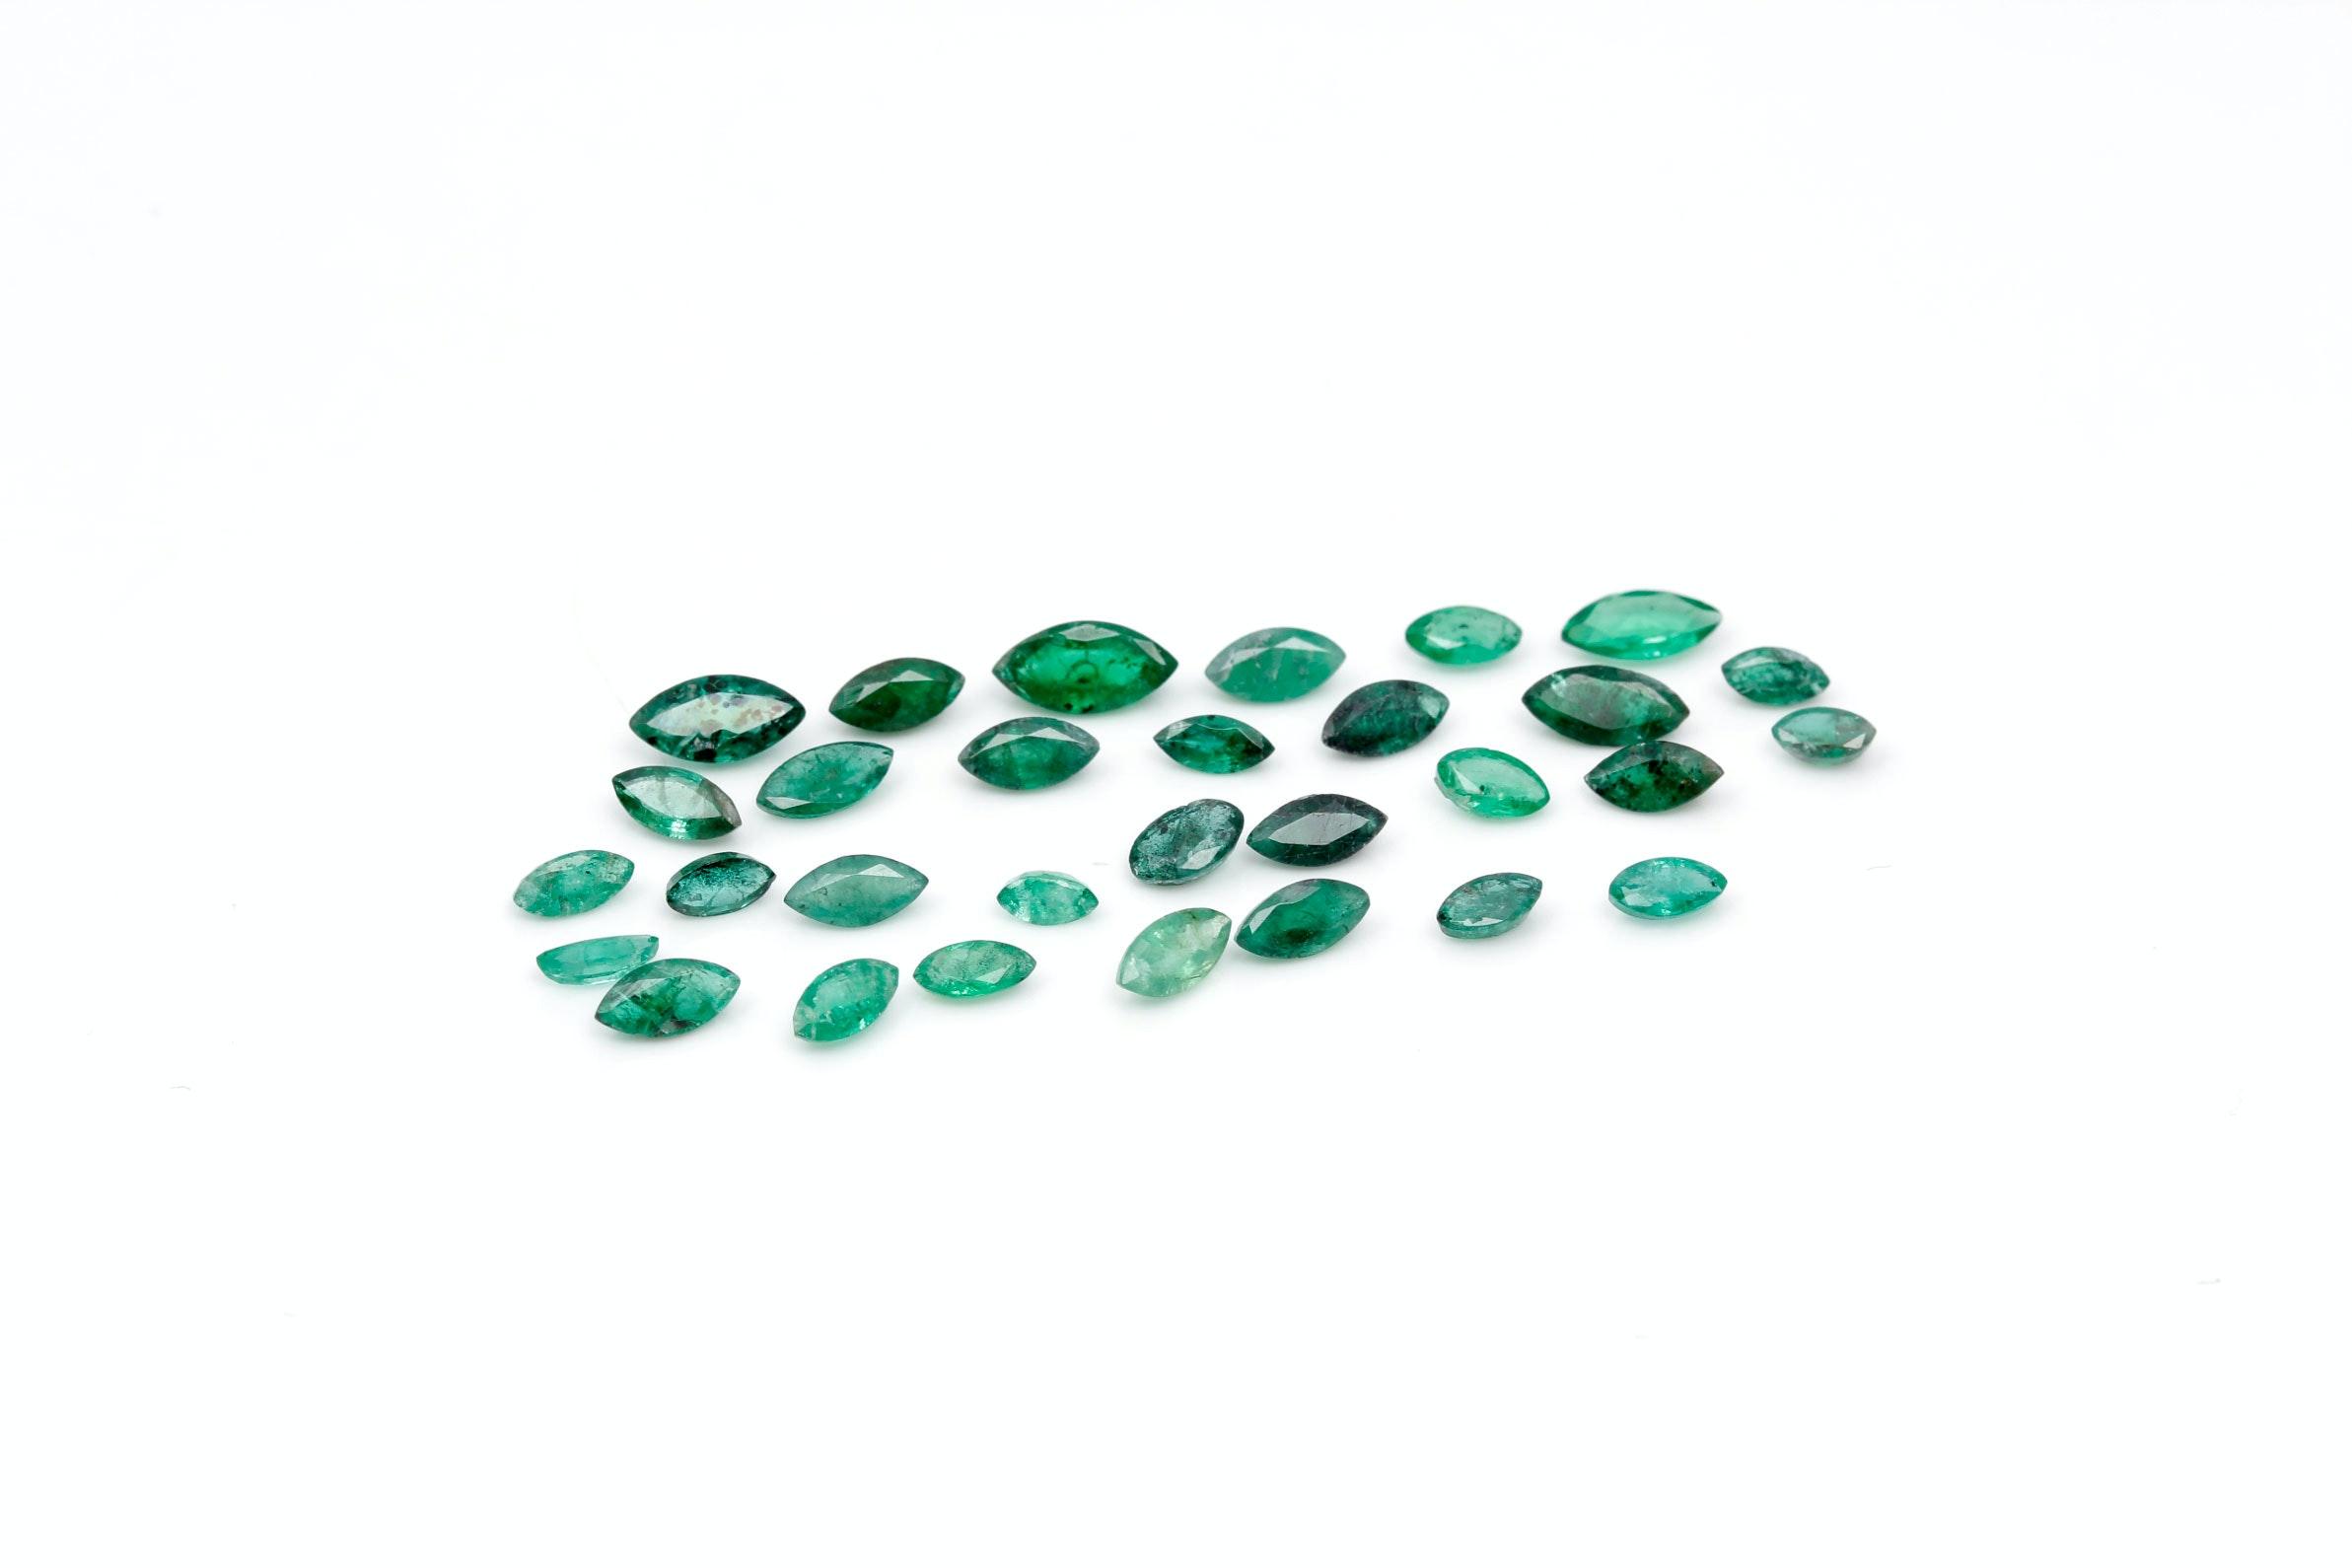 6.55 CTW of Emeralds